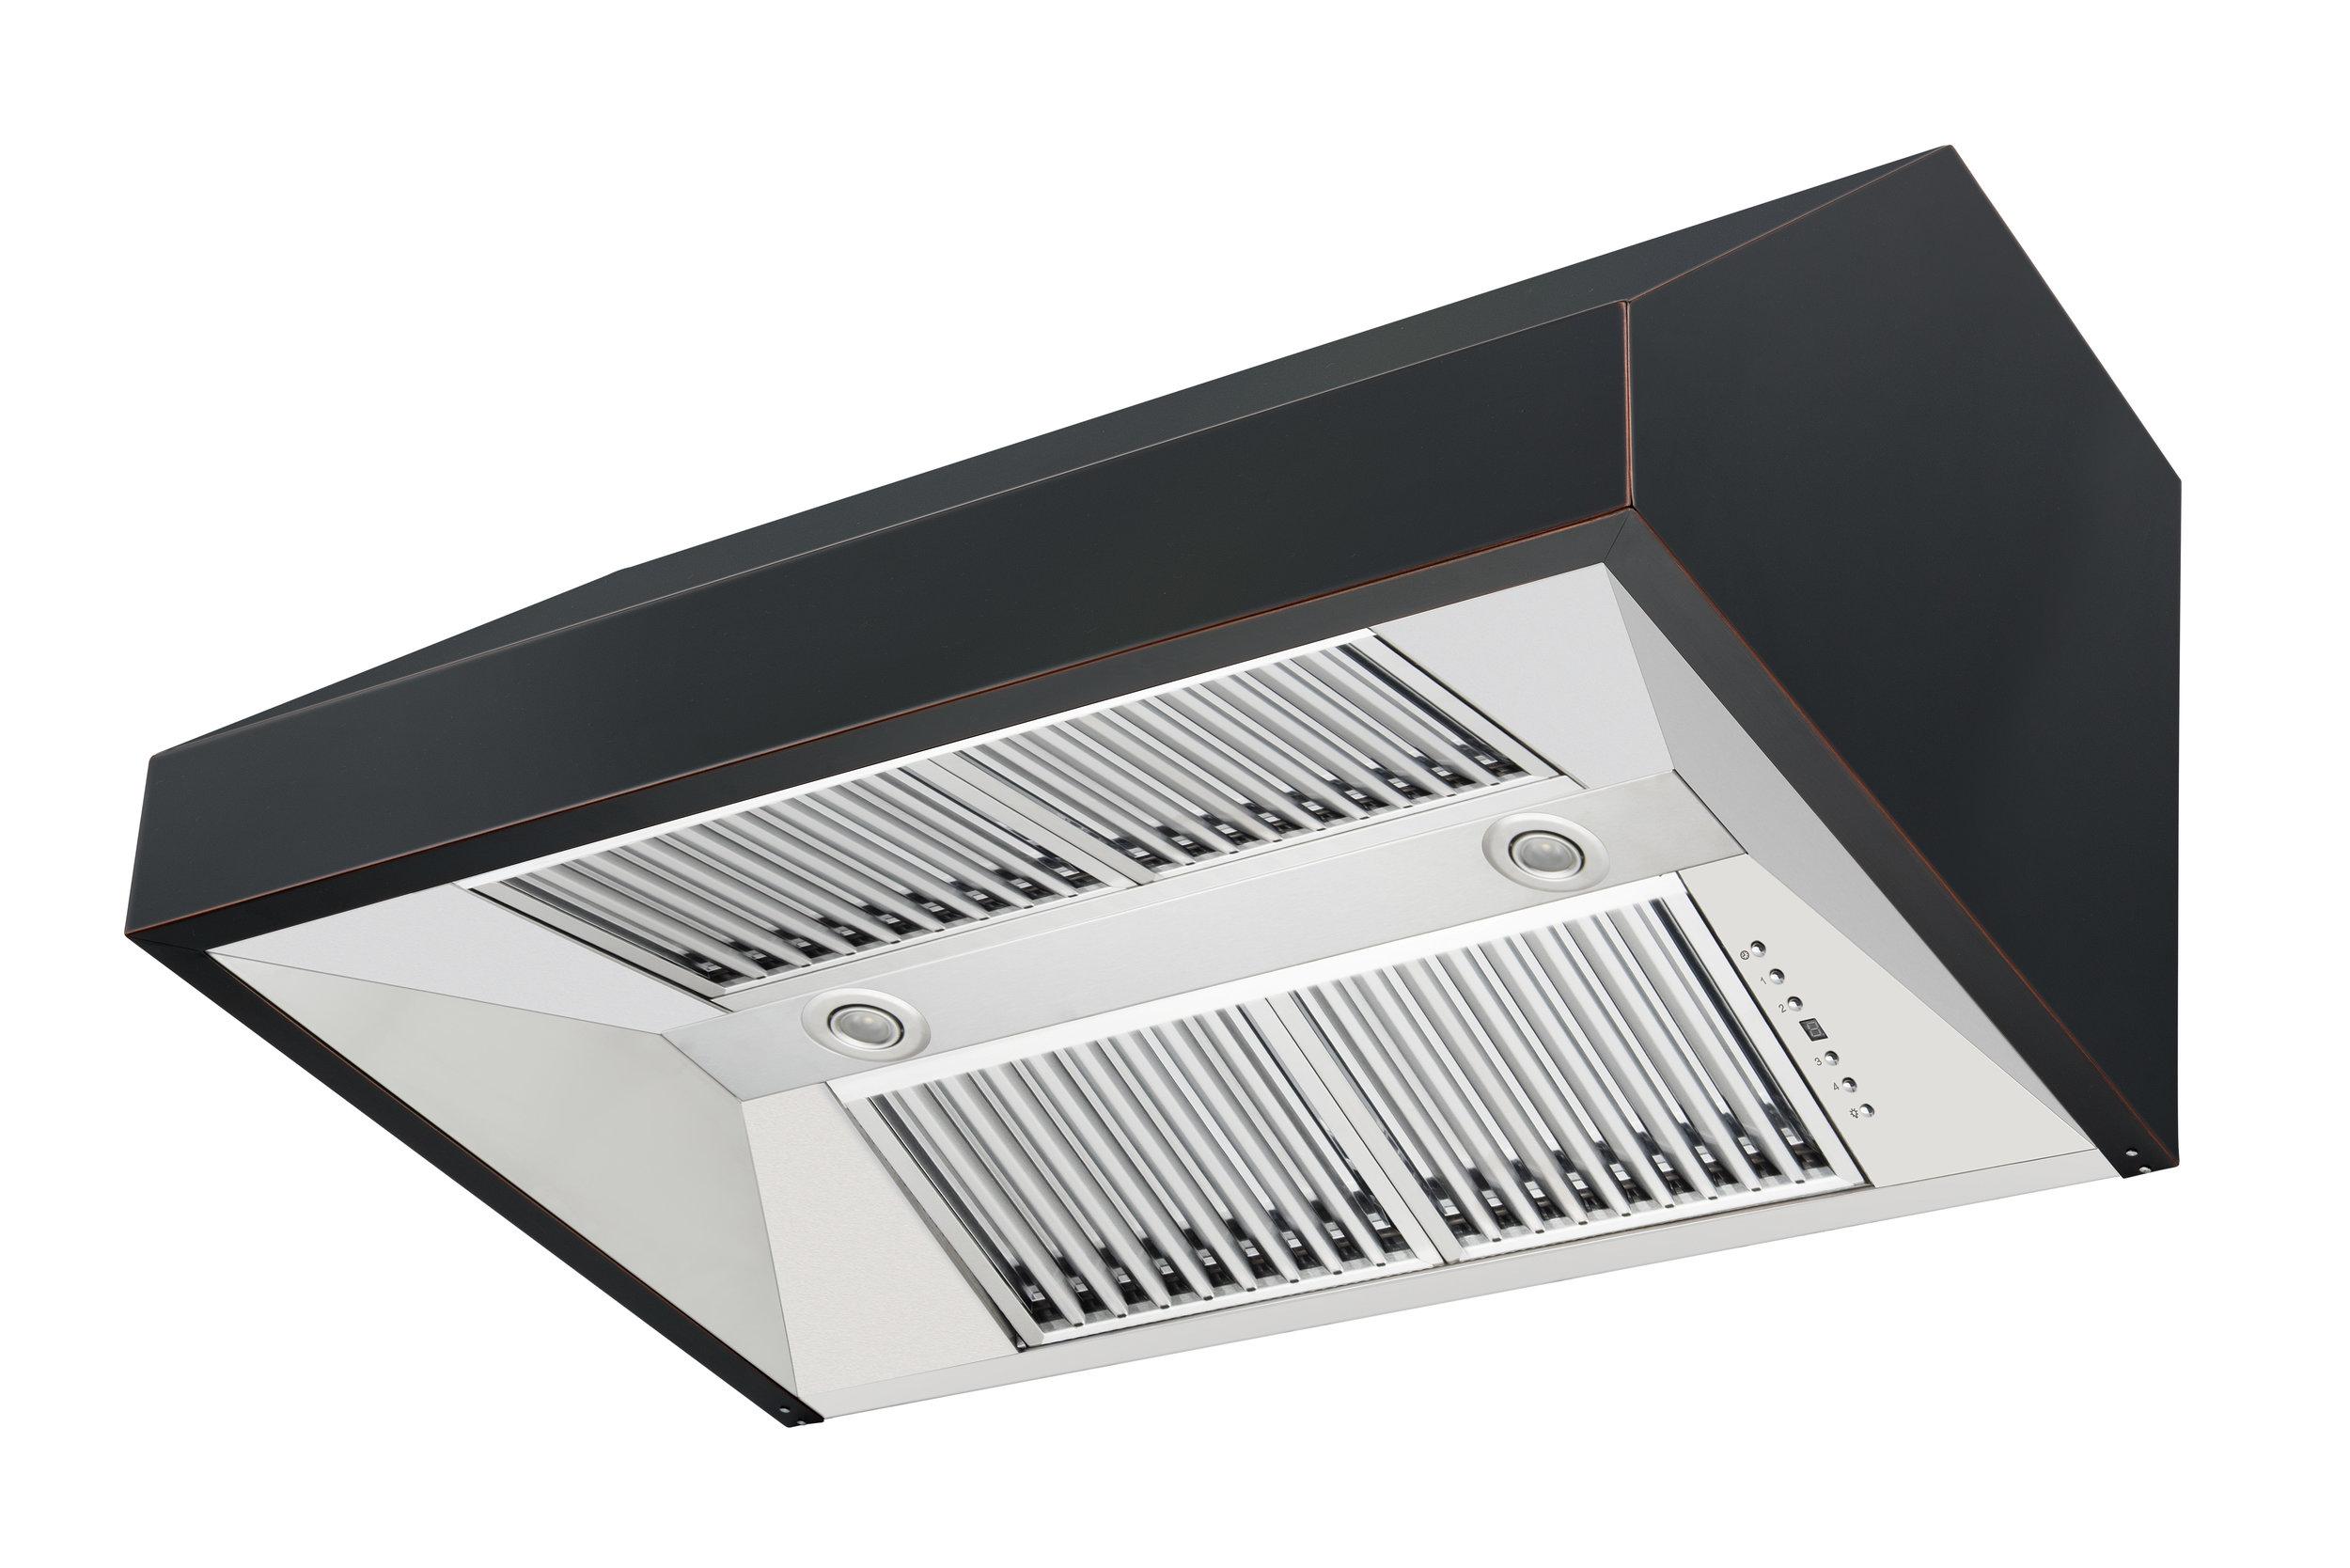 zline-black-under-cabinet-range-hood-8685B-side-under-vents.jpg